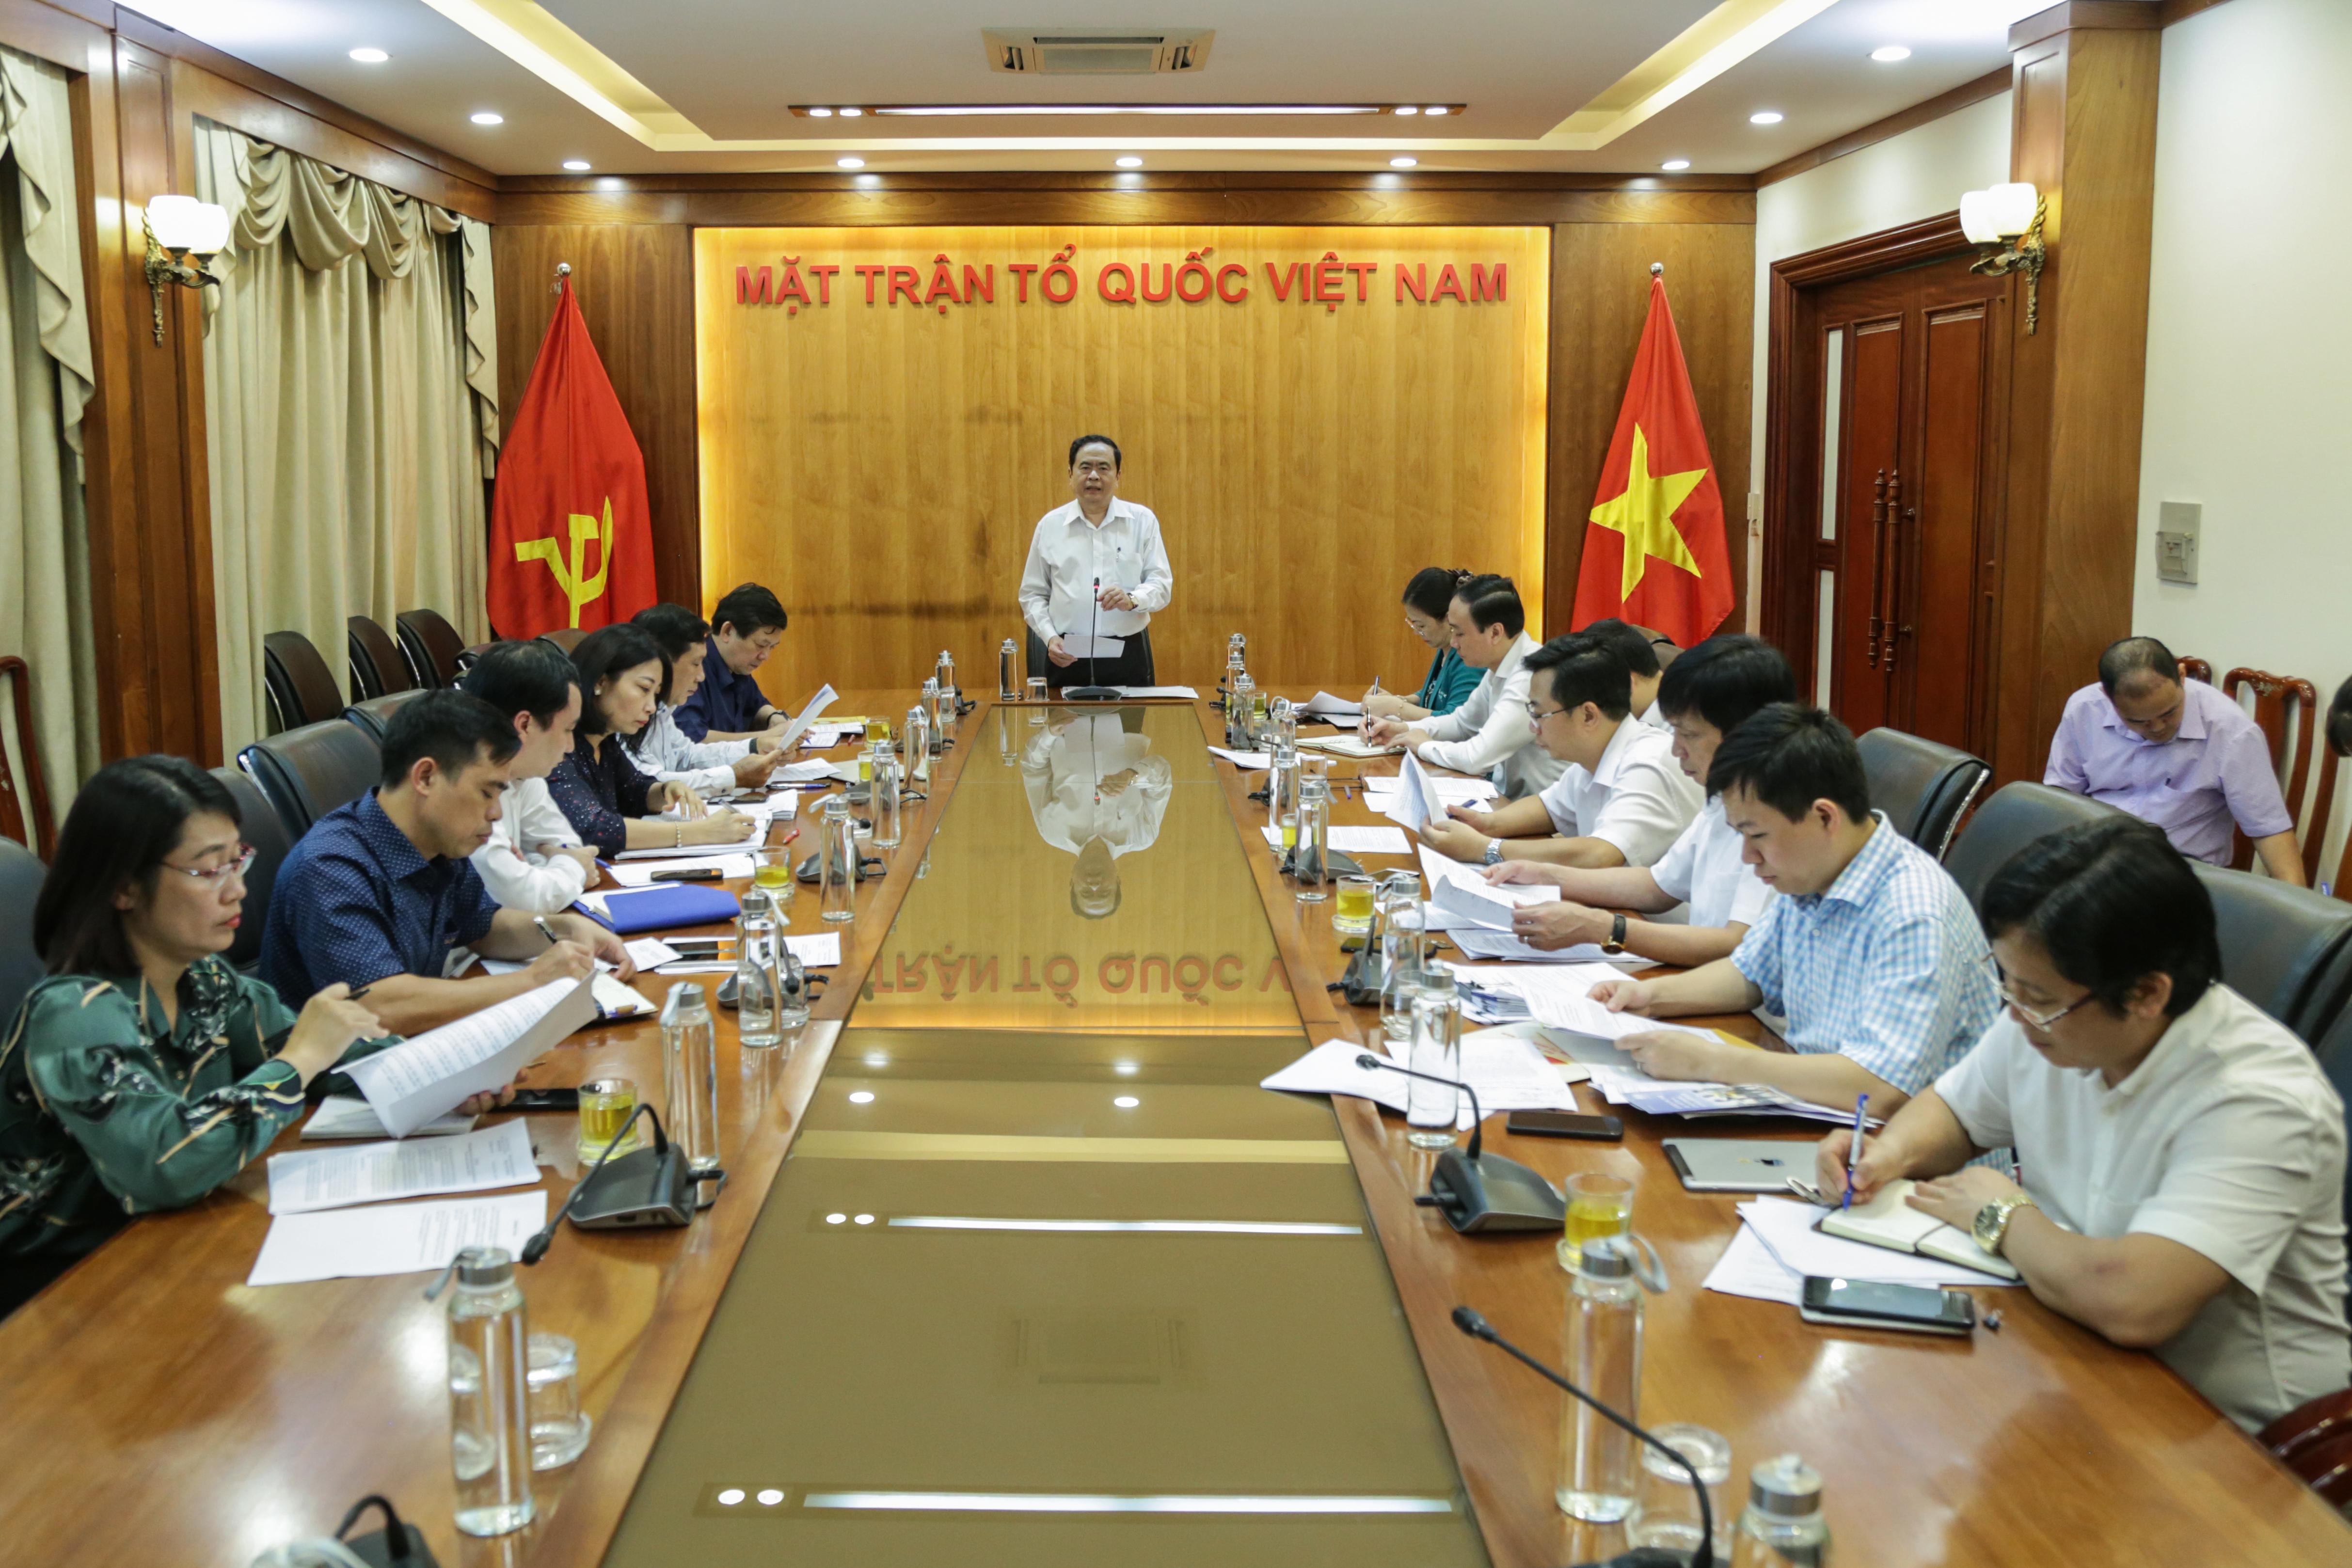 Chủ tịch Trần Thanh Mẫn chủ trì cuộc họp Ban Tổ chức Chương trình.Ảnh: Quang Vinh.